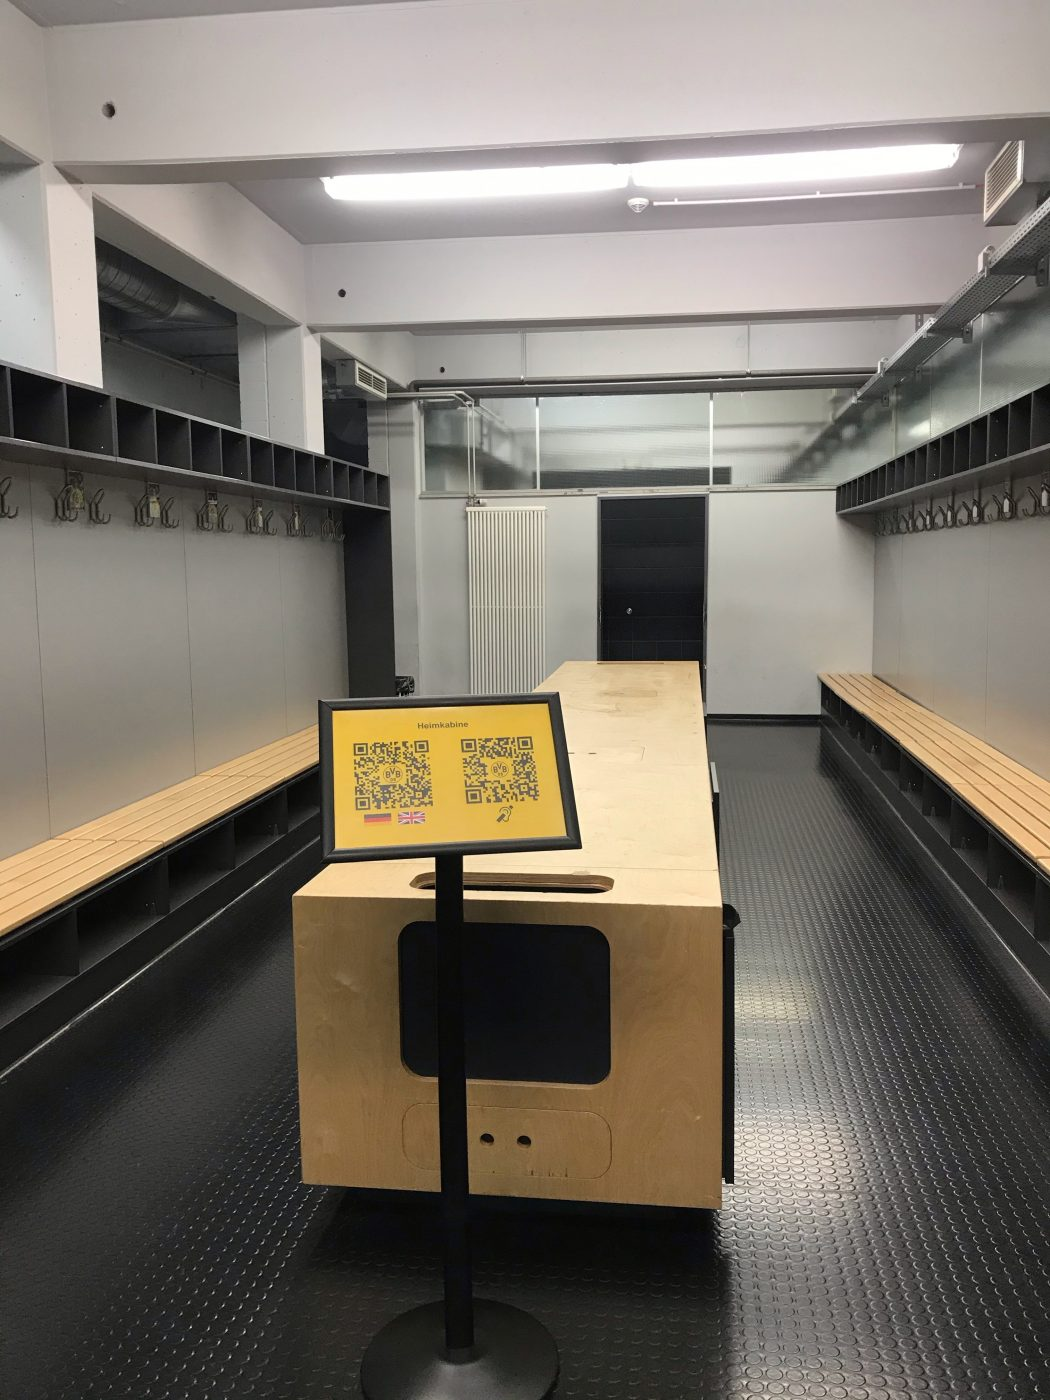 Das Foto zeigt einen Ein Blick in die Kabine des BVB